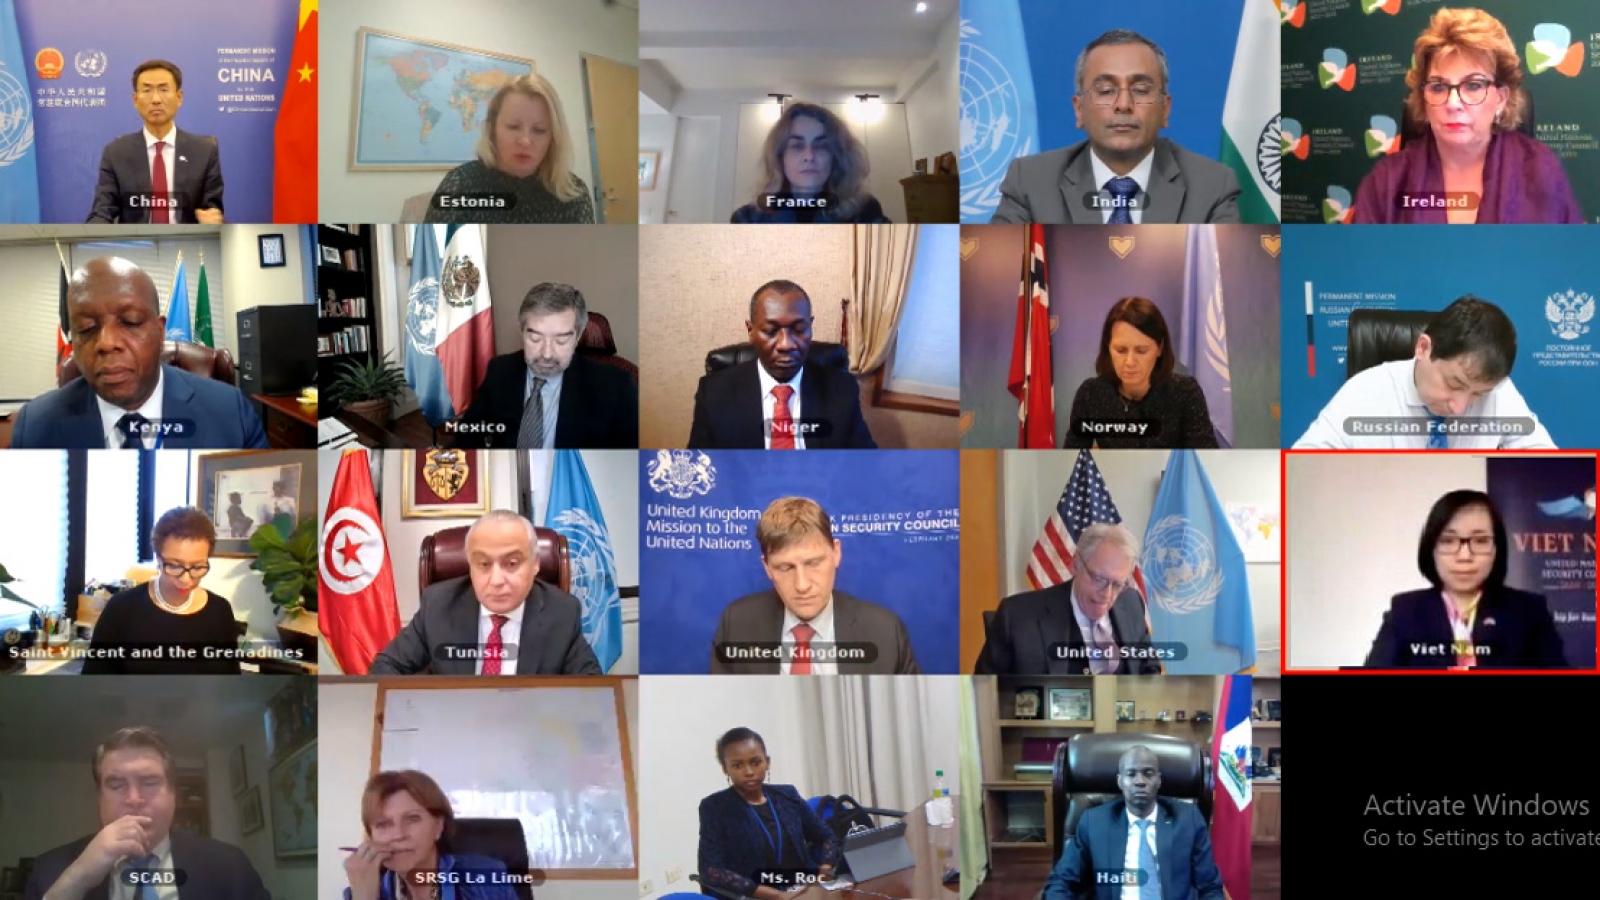 Hội đồng Bảo an Liên Hợp Quốc họp về Haiti và Somali